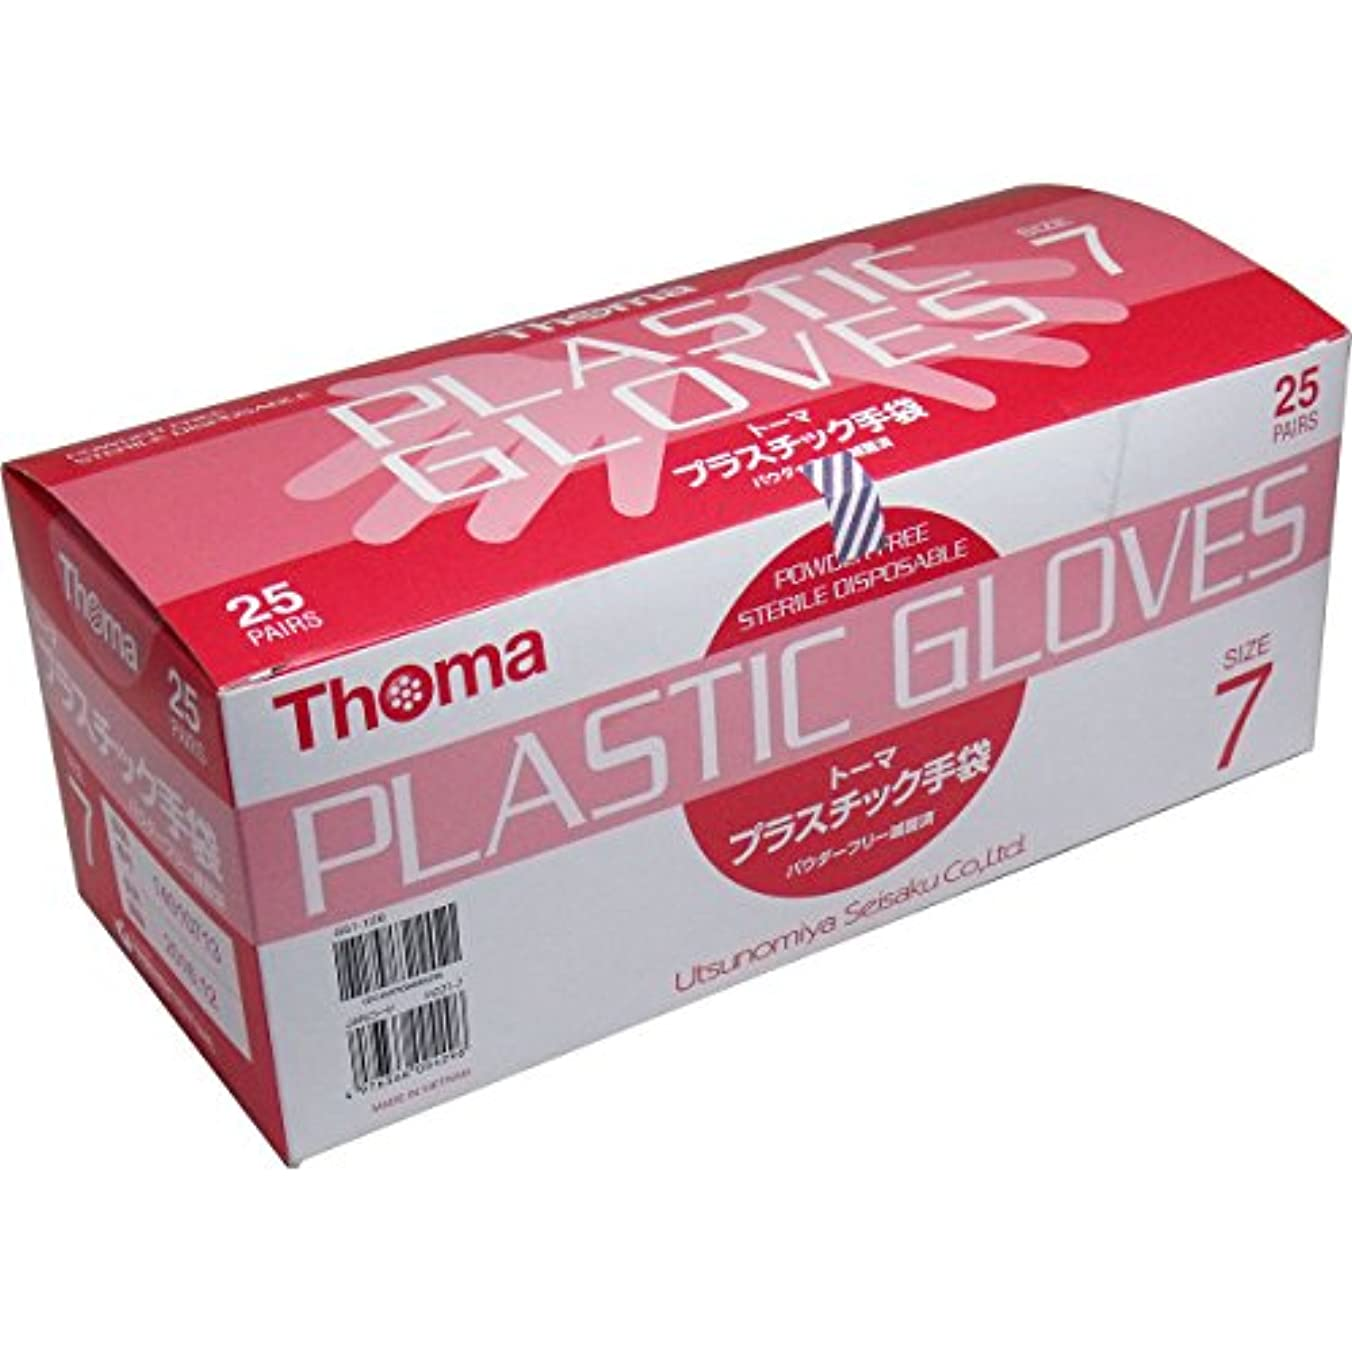 ブランド司書トリクル超薄手プラスチック手袋 ピッタリフィットする 使いやすい トーマ プラスチック手袋 パウダーフリー滅菌済 25双入 サイズ7